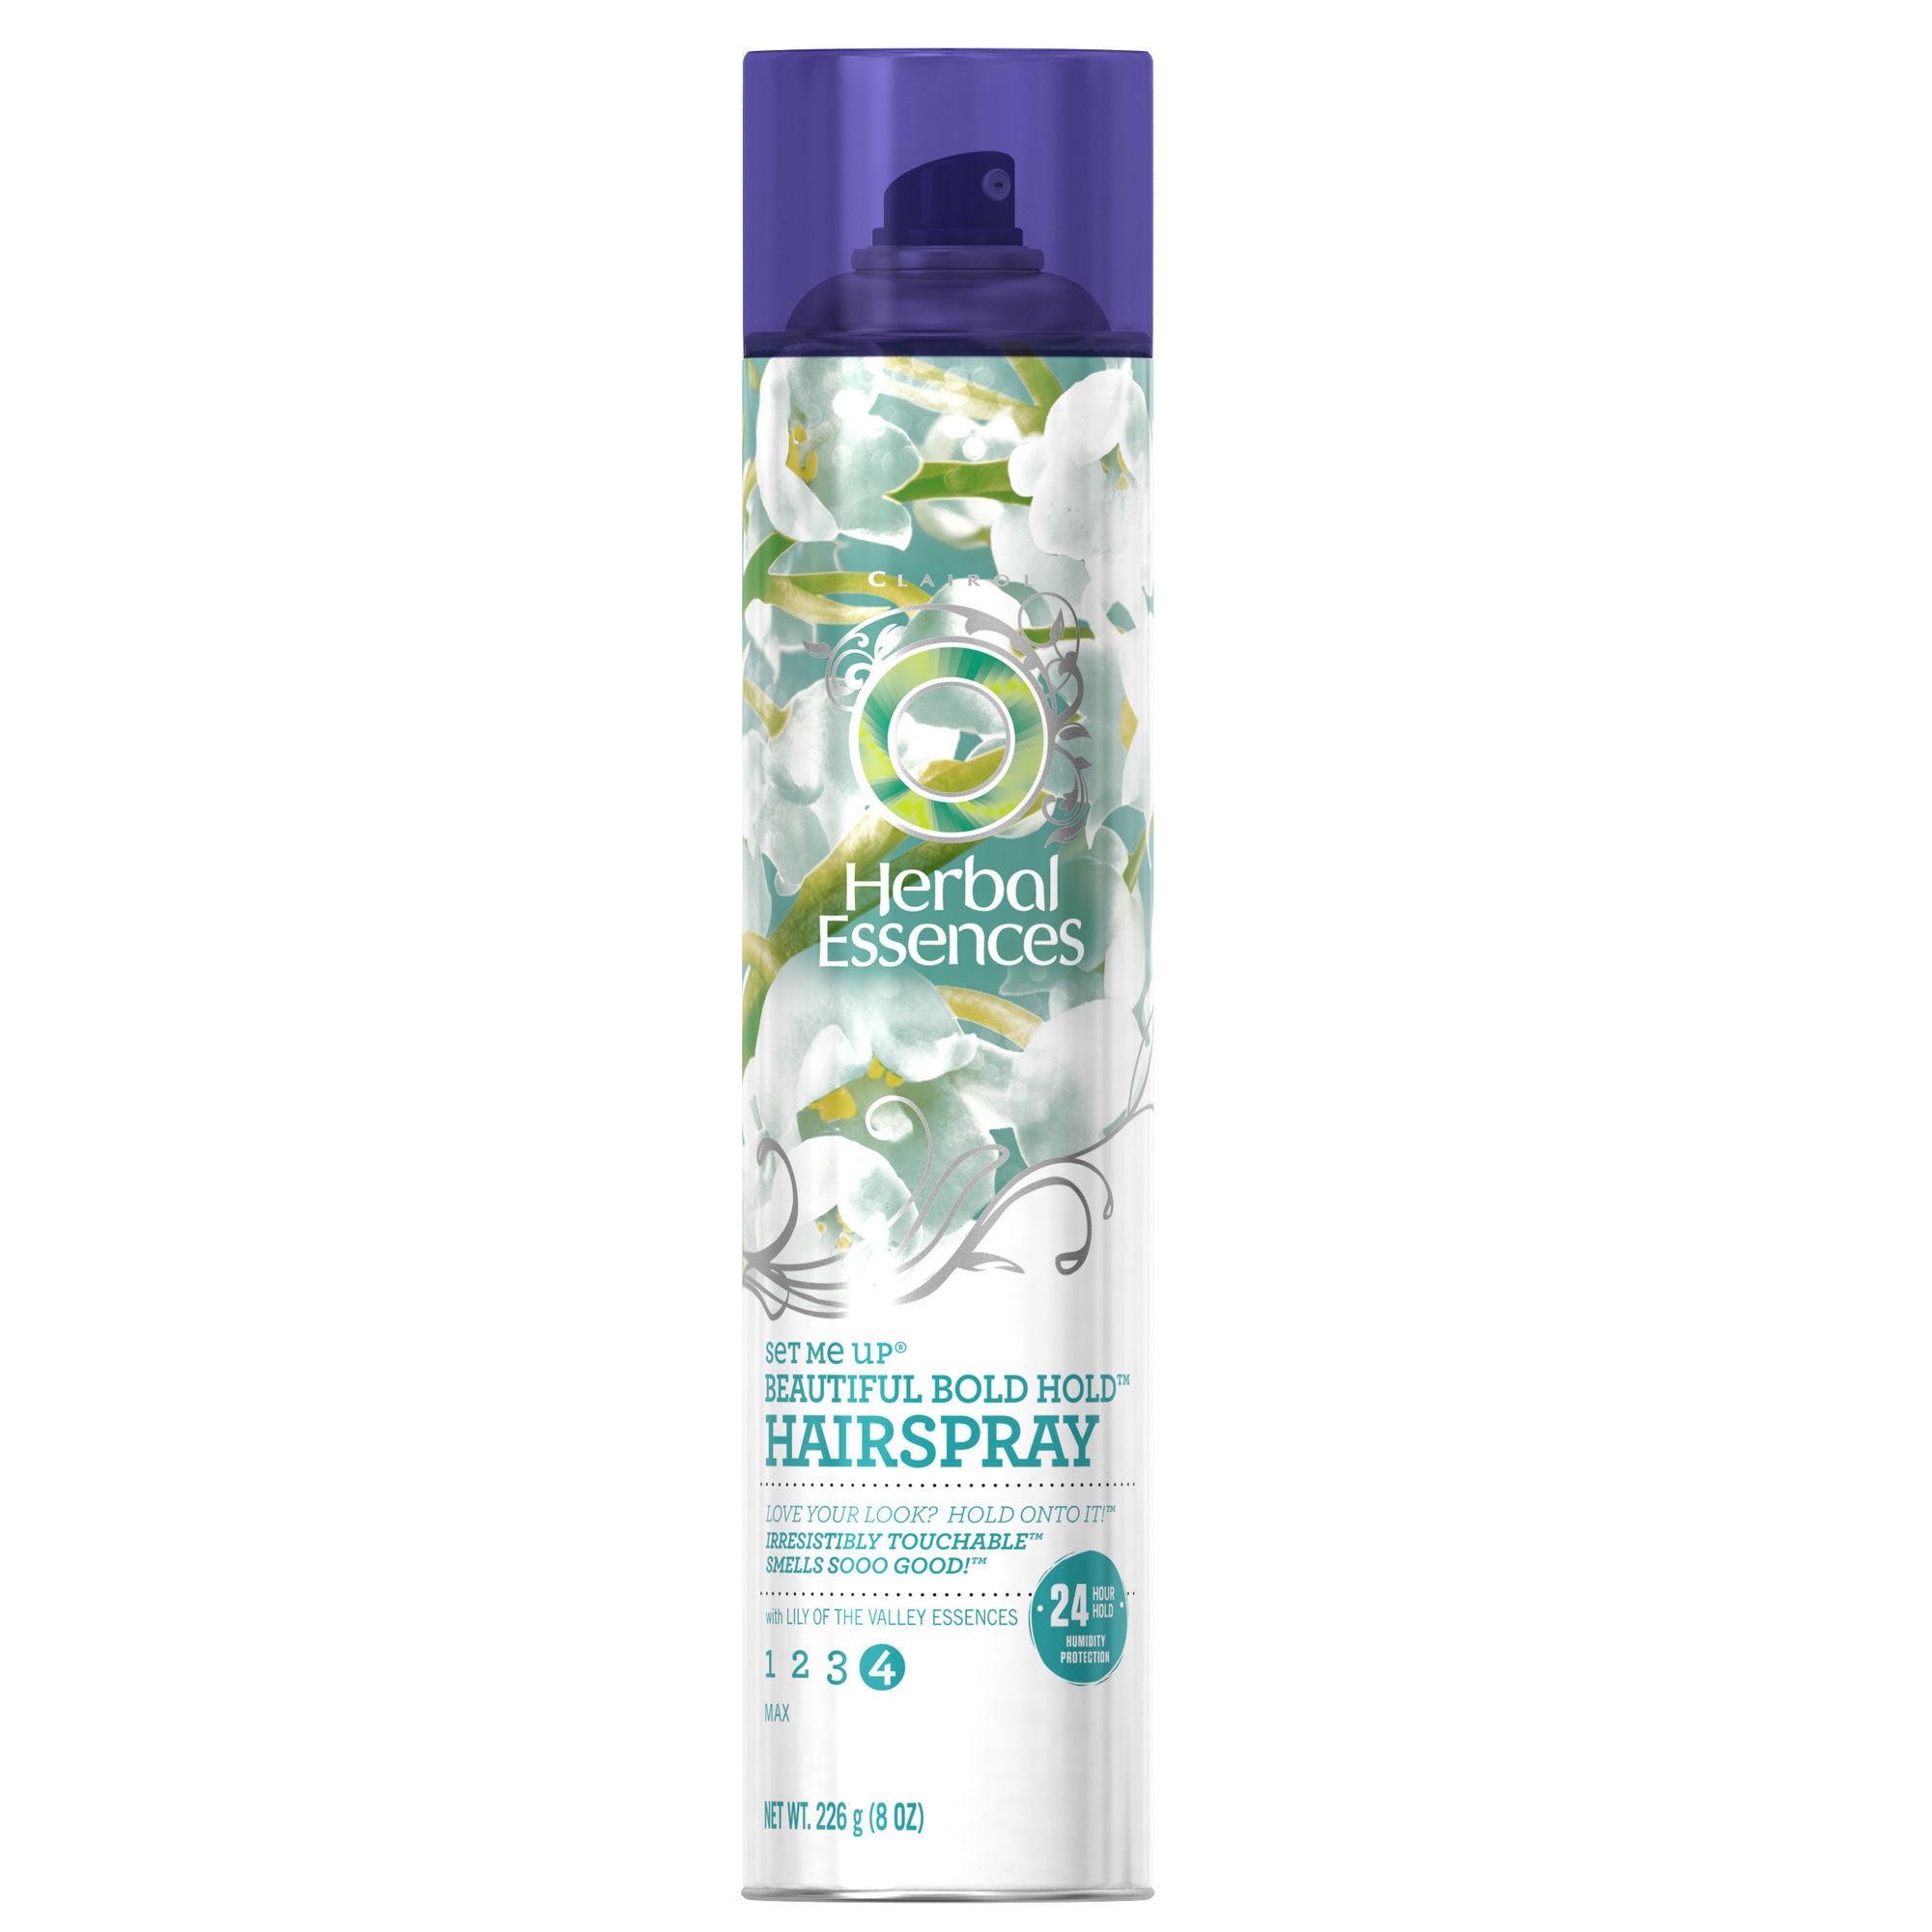 Herbal Essence Hairspray Set Me Up Fixatif Image Gallery